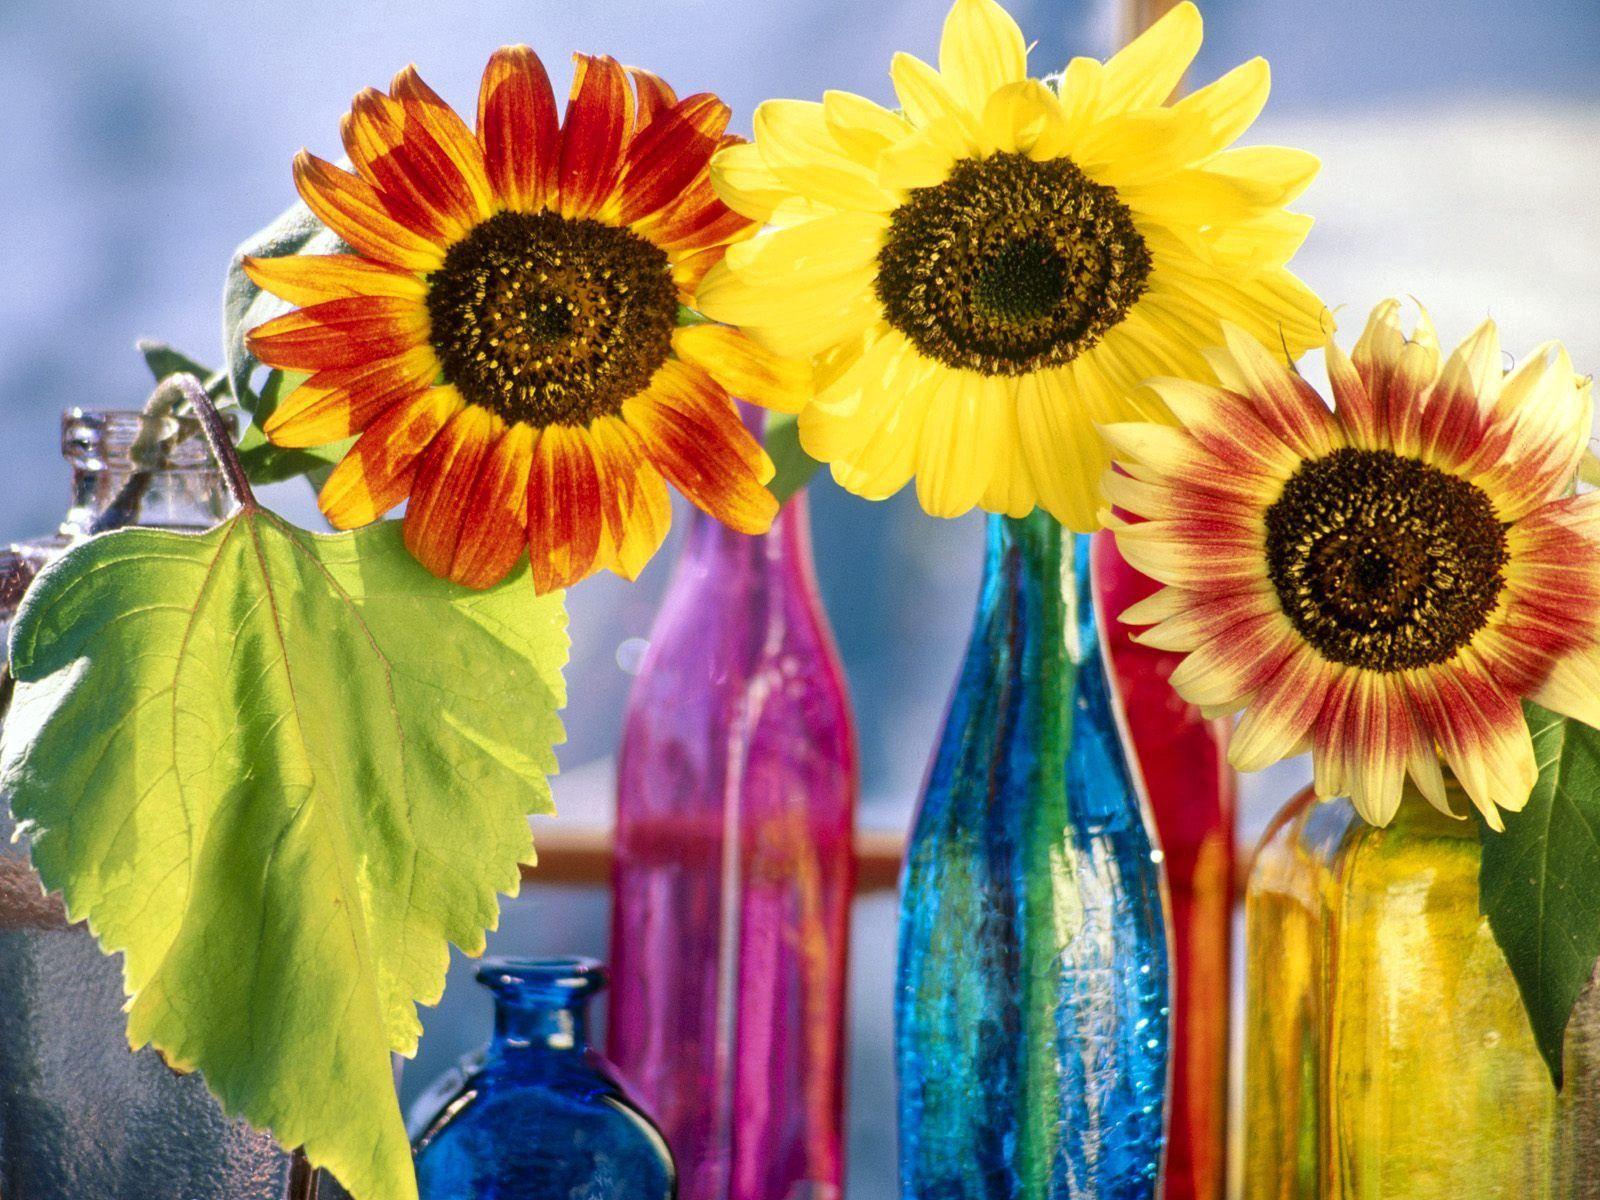 123356 скачать обои Цветы, Листок, Яркие, Бутылки, Свет, Подсолнухи - заставки и картинки бесплатно